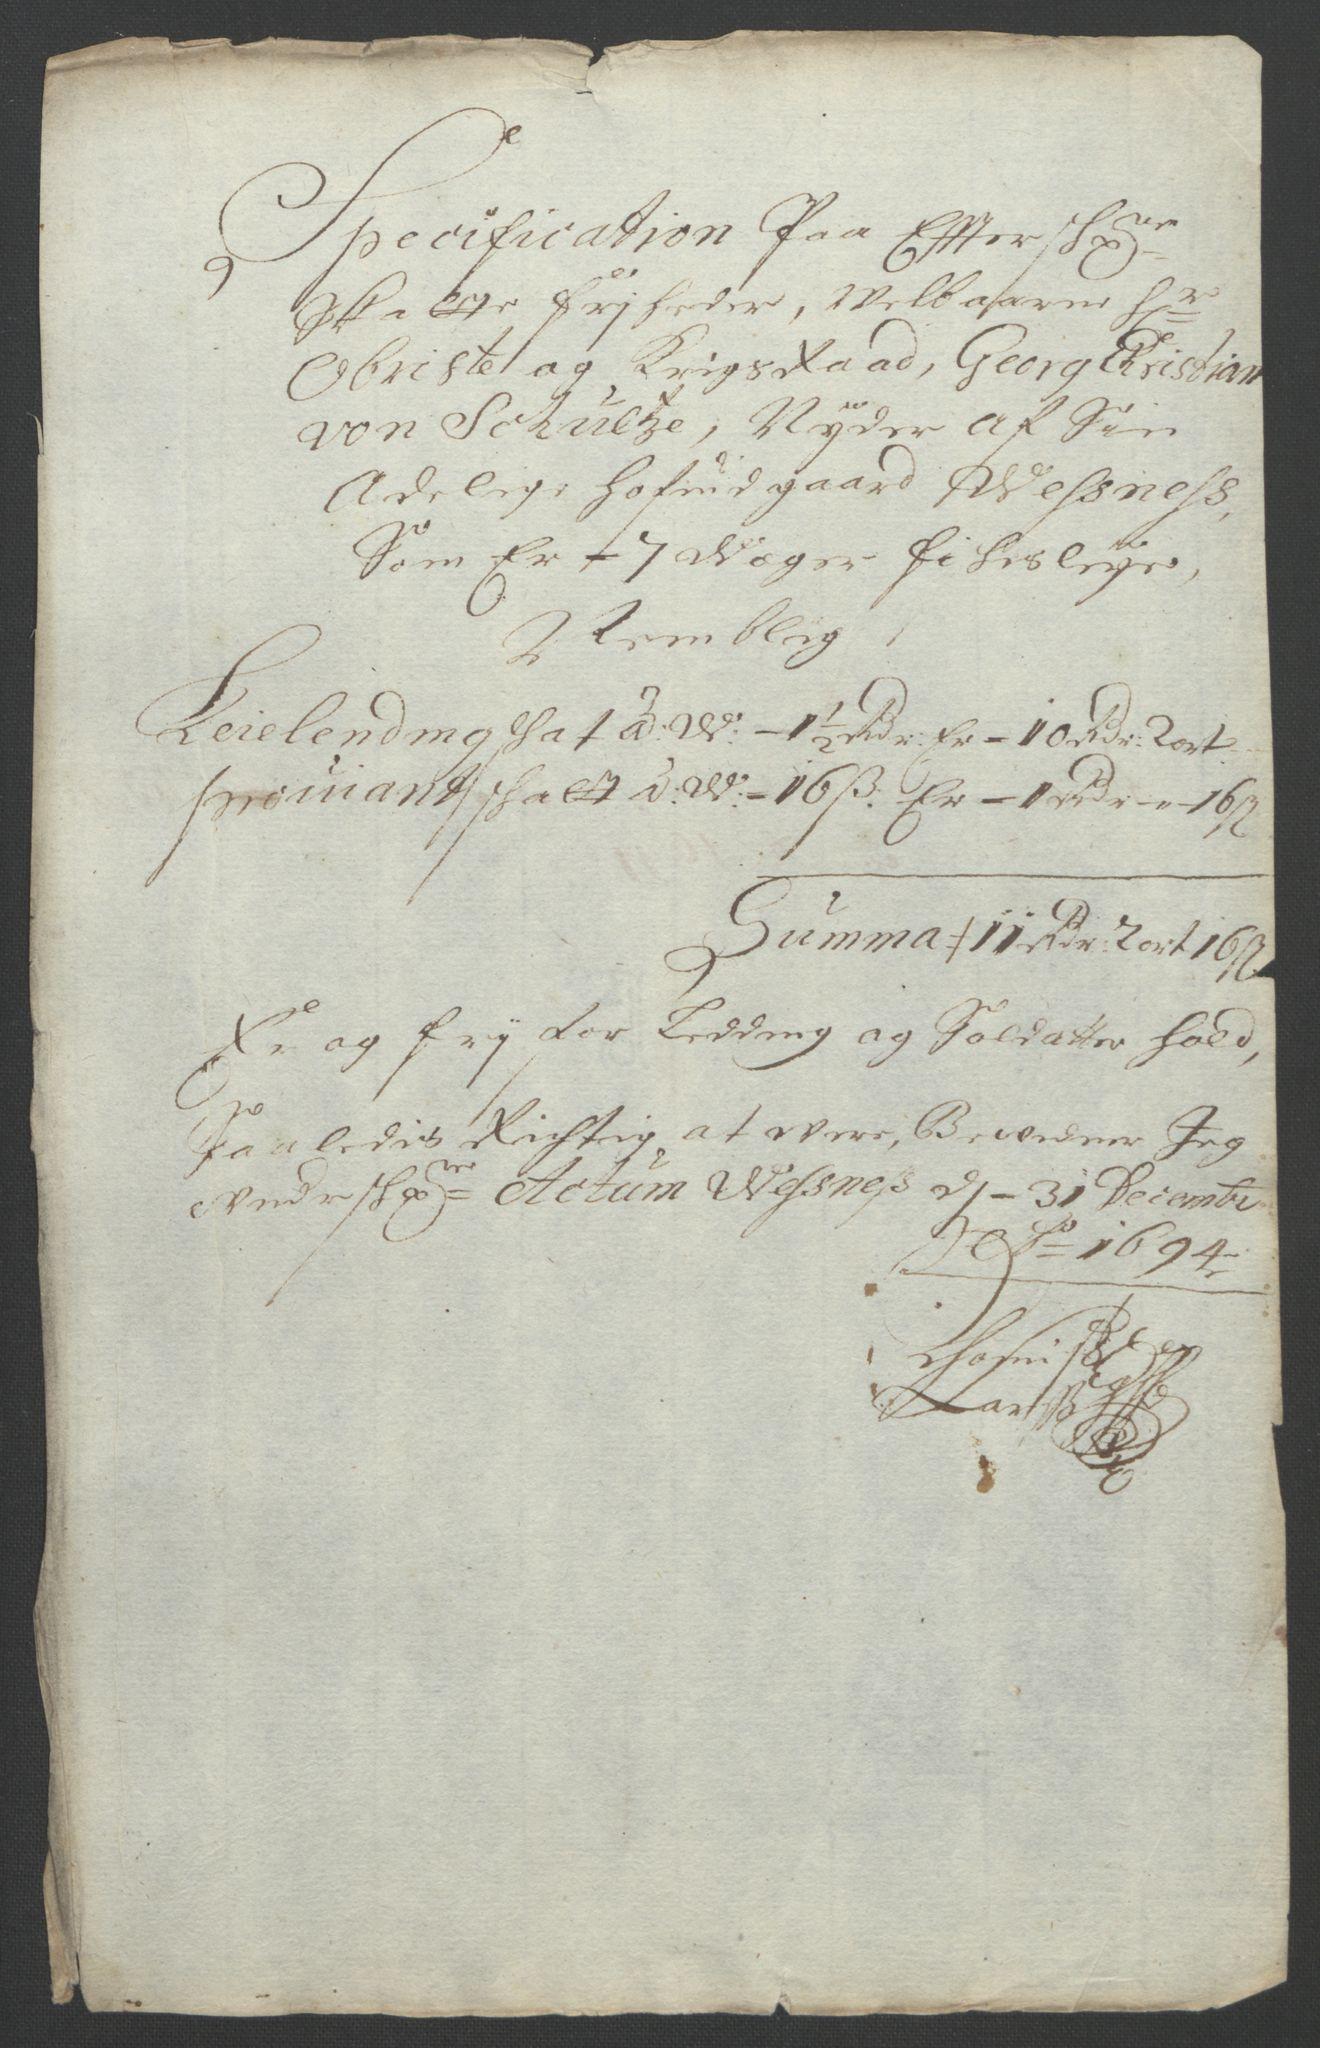 RA, Rentekammeret inntil 1814, Reviderte regnskaper, Fogderegnskap, R55/L3651: Fogderegnskap Romsdal, 1693-1694, s. 290